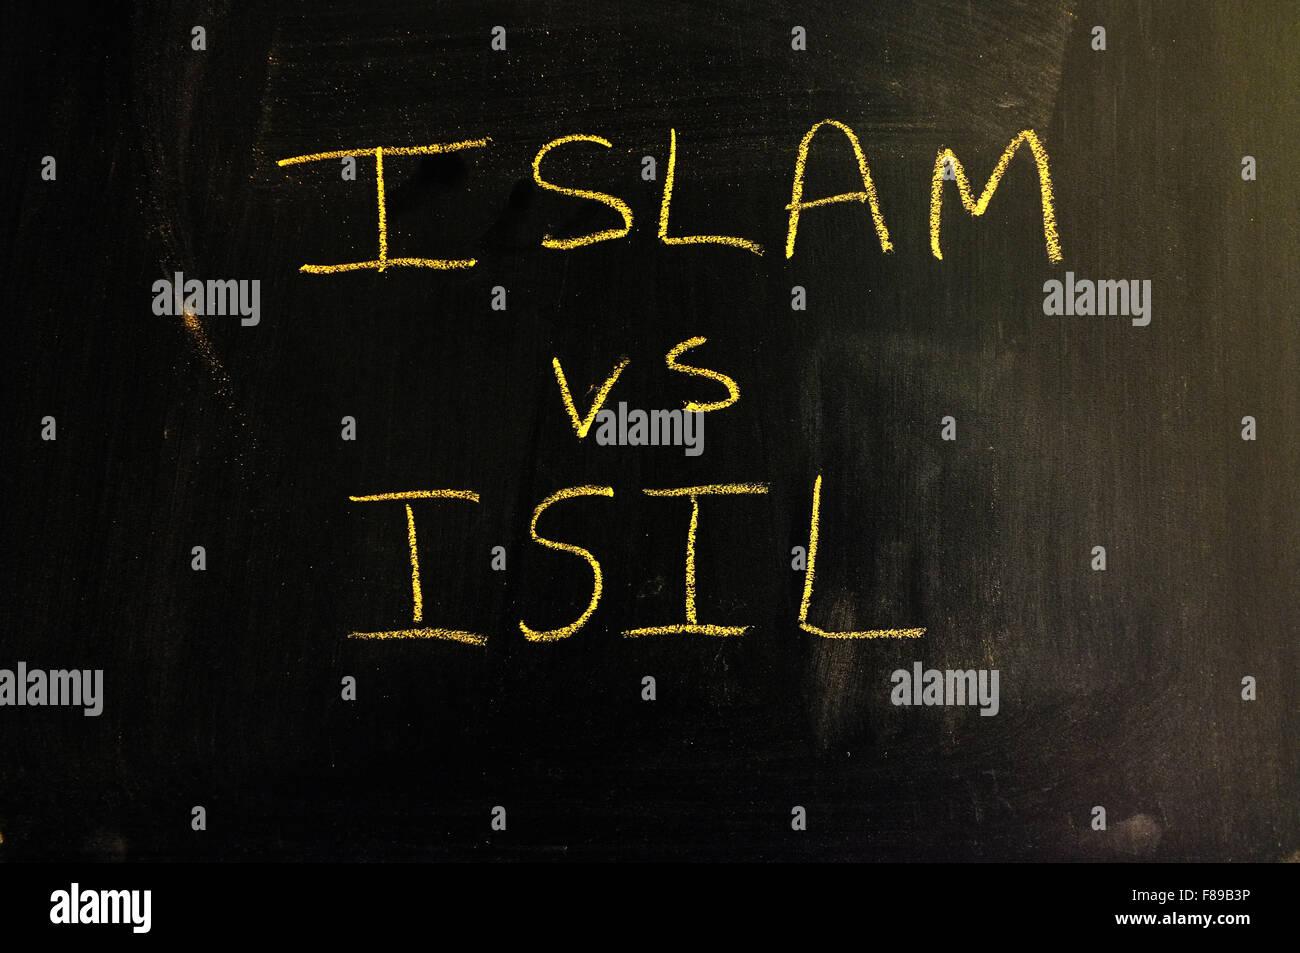 Islam vs ISIL written on a blackboard in chalk. - Stock Image